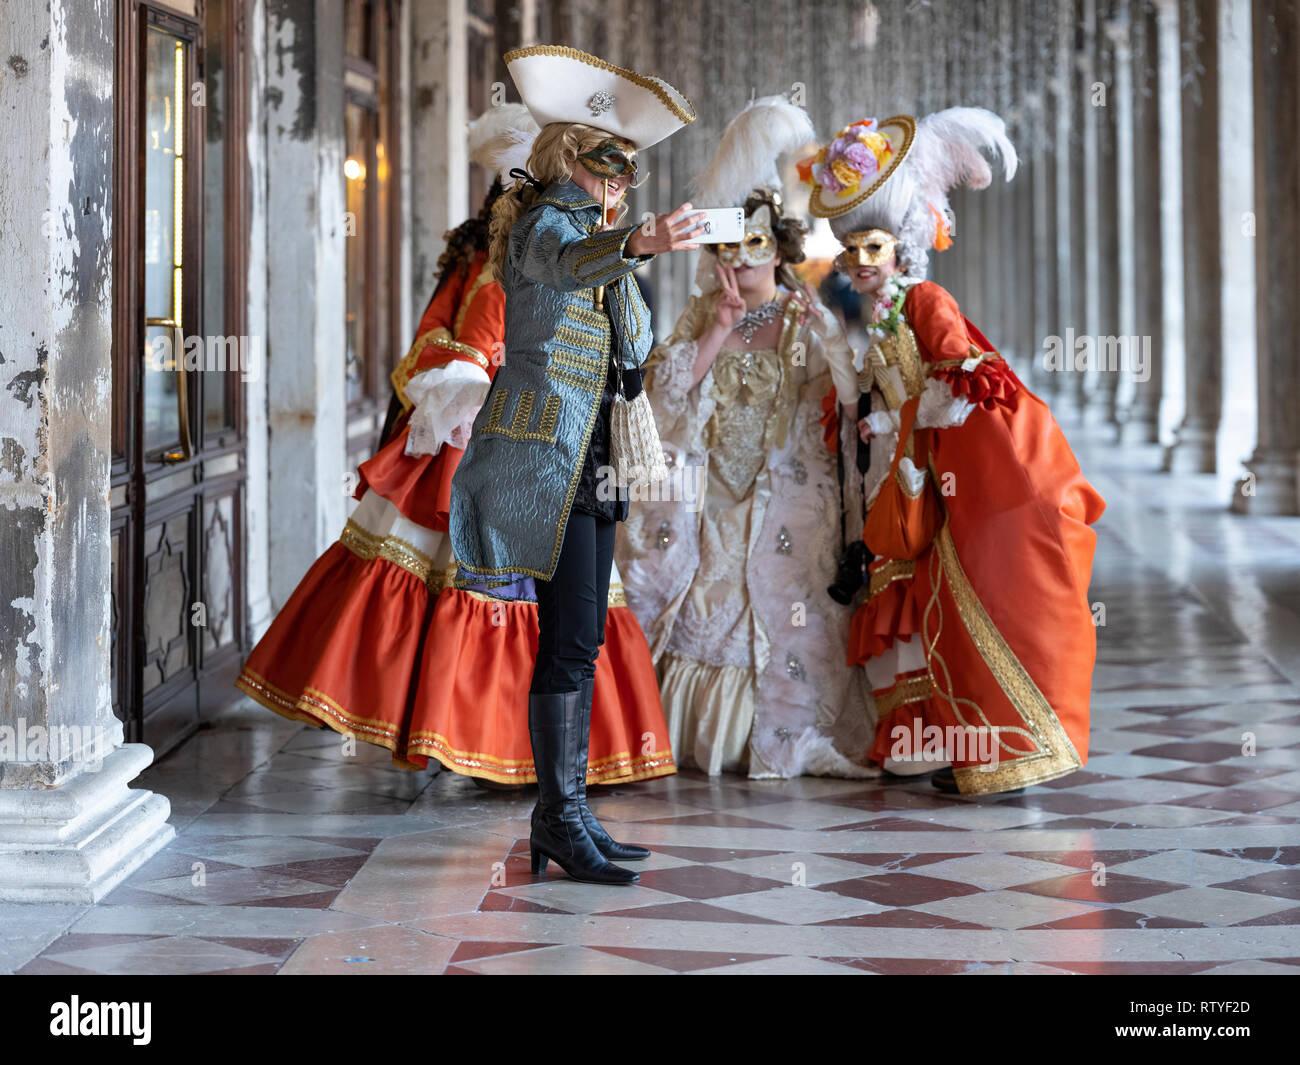 Un groupe de dames à la fête des masques de Venise ayant un groupe photographie prise avec un téléphone mobile Europe Italie Venise Banque D'Images